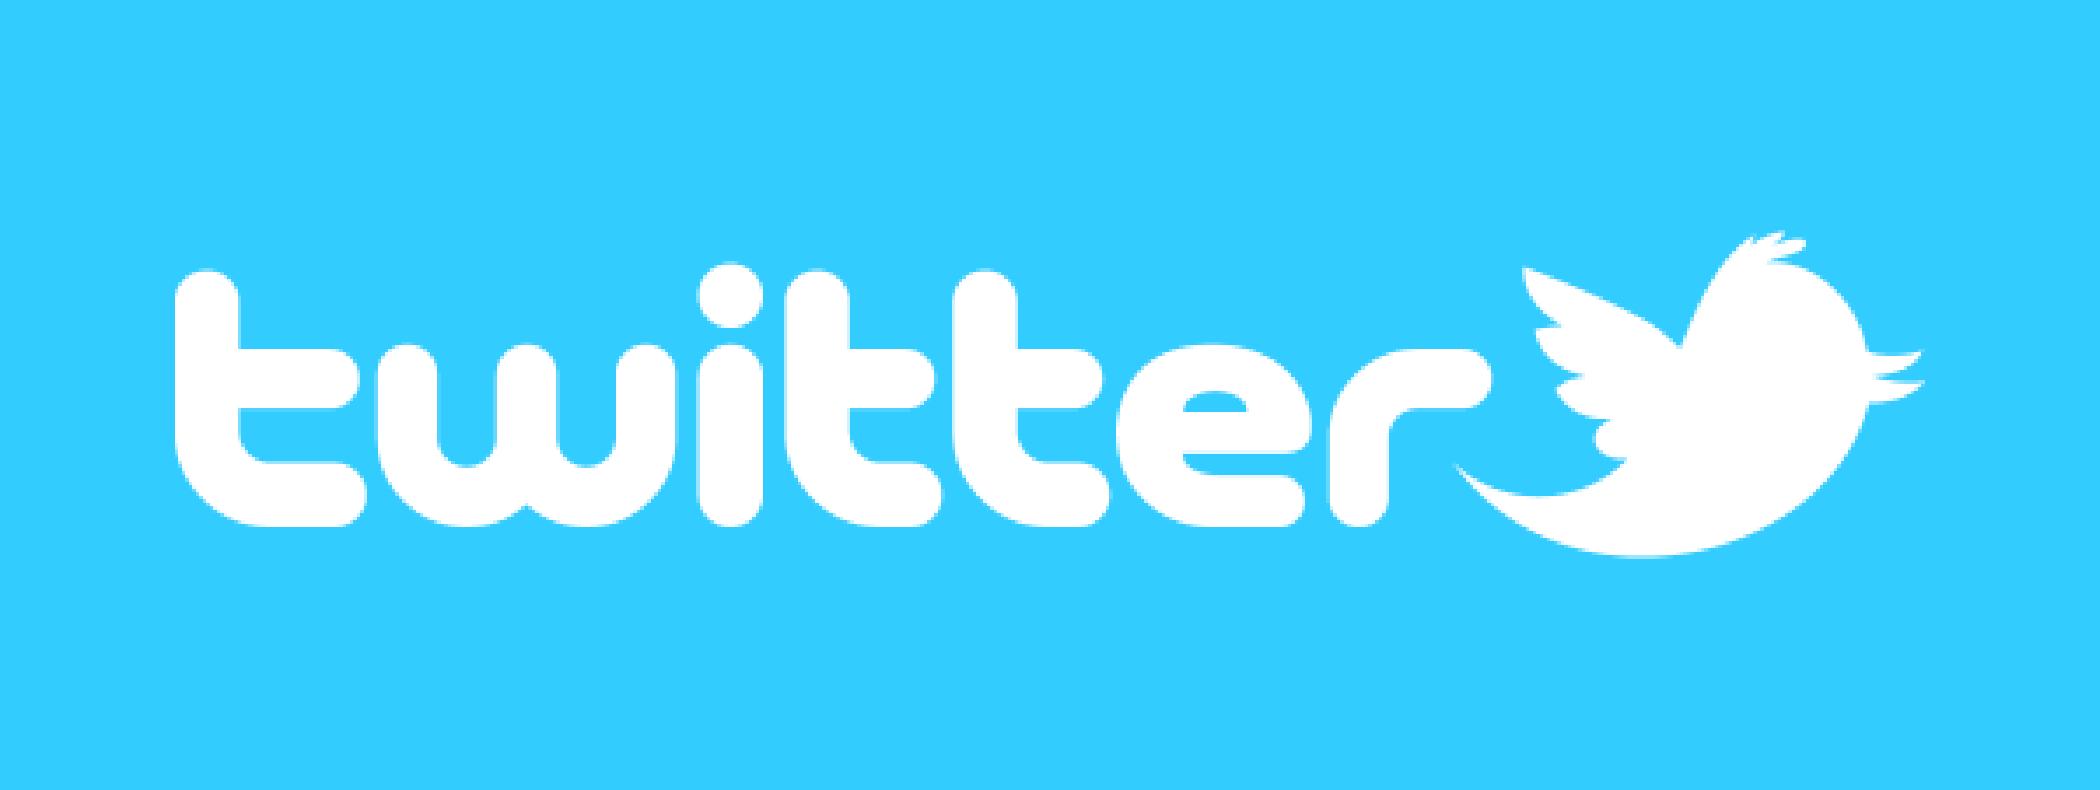 6 خطوات ذهبية لـ زيادة عدد المتابعين على تويتر